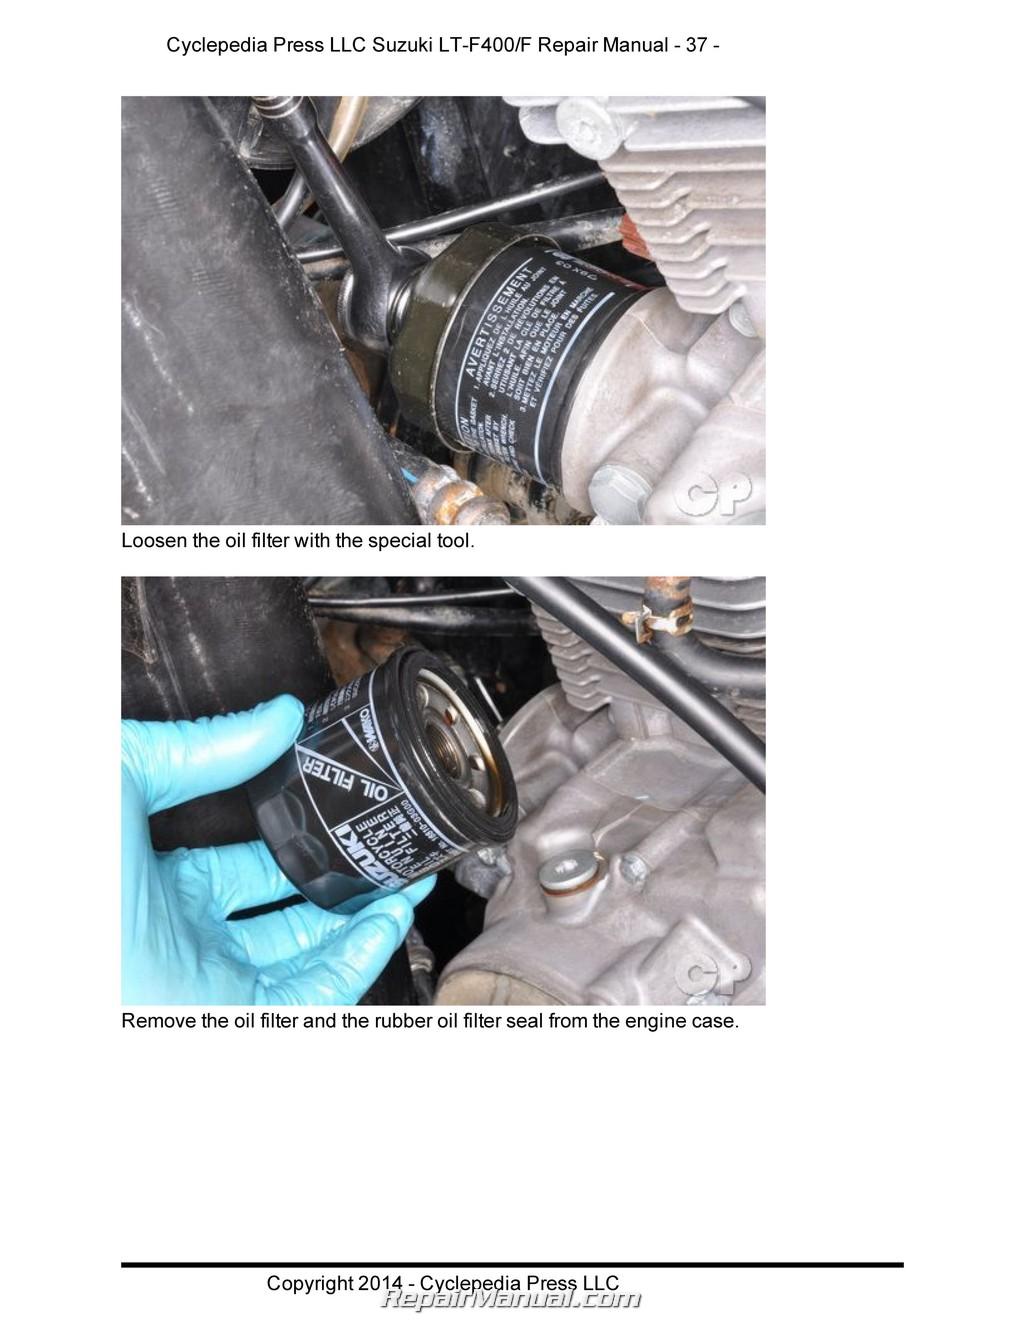 suzuki eiger 400 wiring diagram kicker dvc lt f400 f400f manual shift atv printed